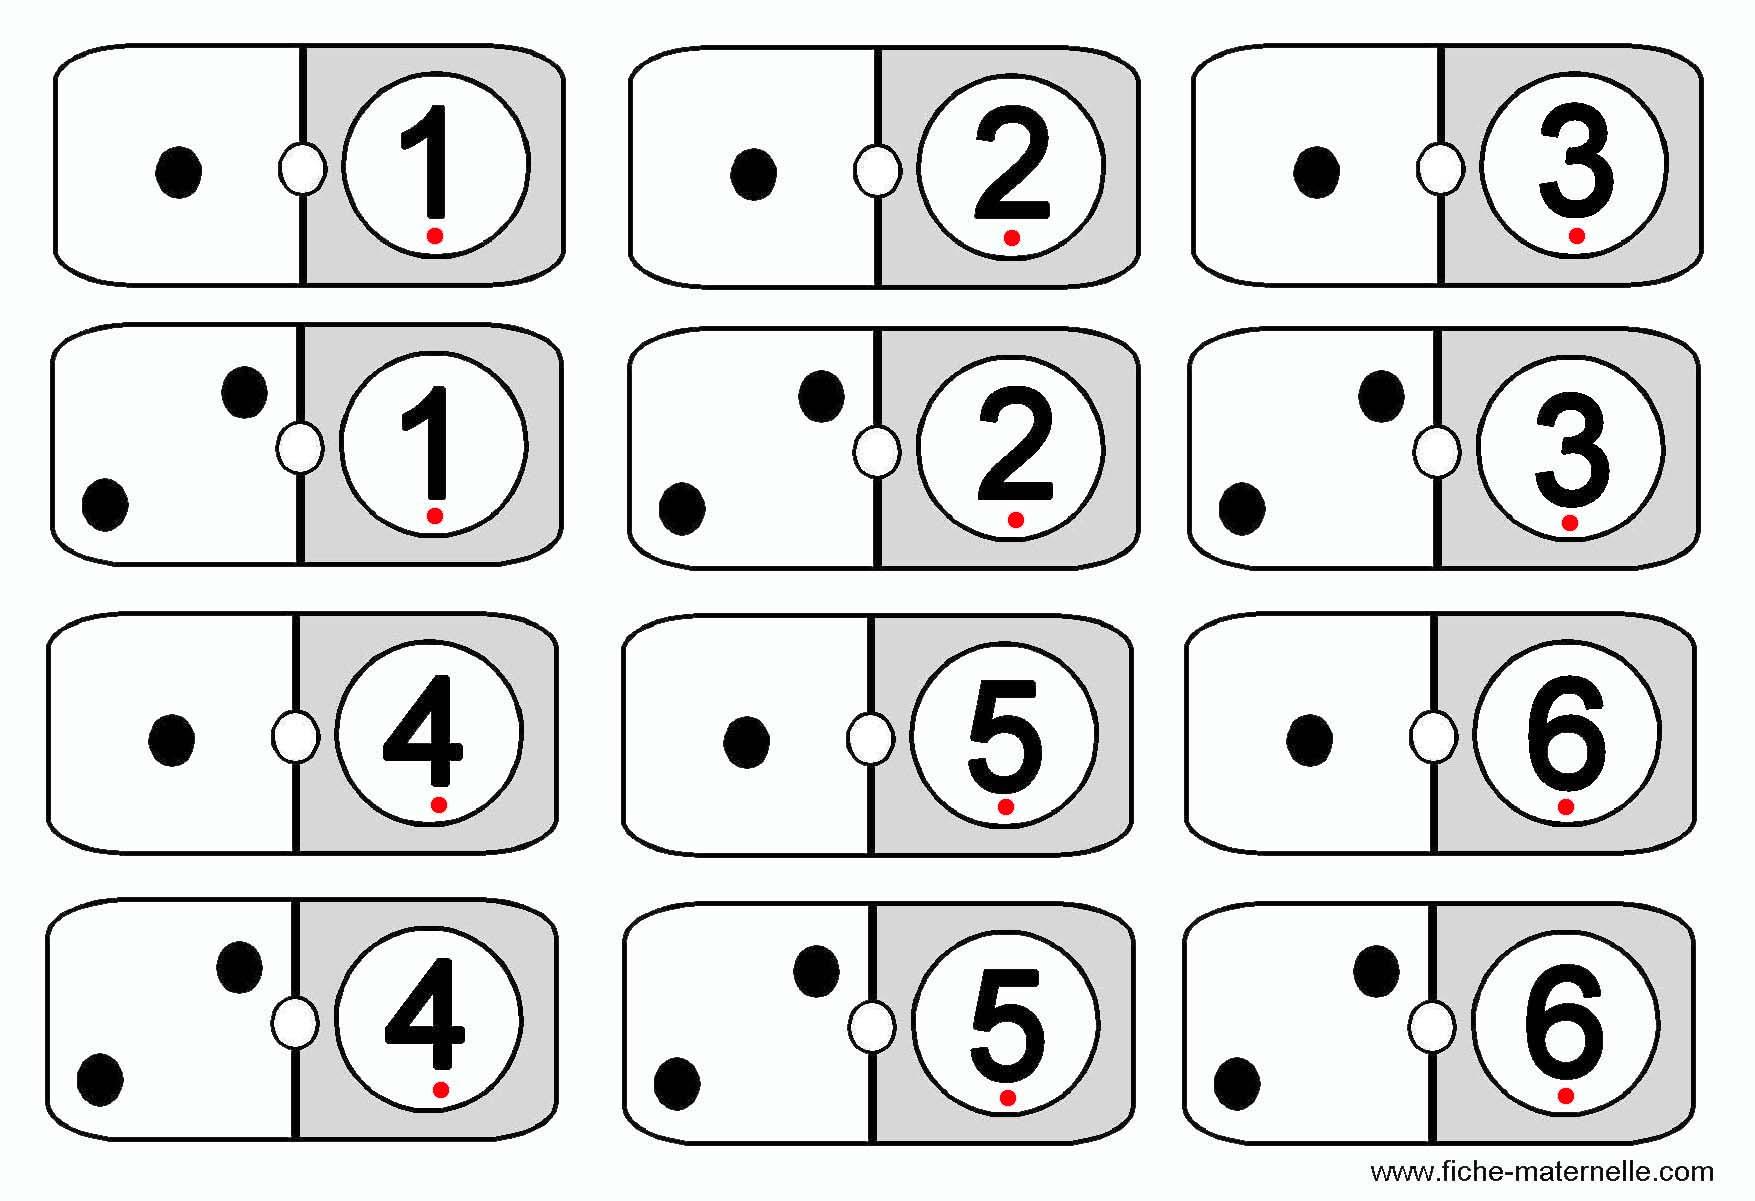 Jeux Mathématiques Pour Apprendre À Compter En Maternelle. pour Jeux De Maternelle À Imprimer